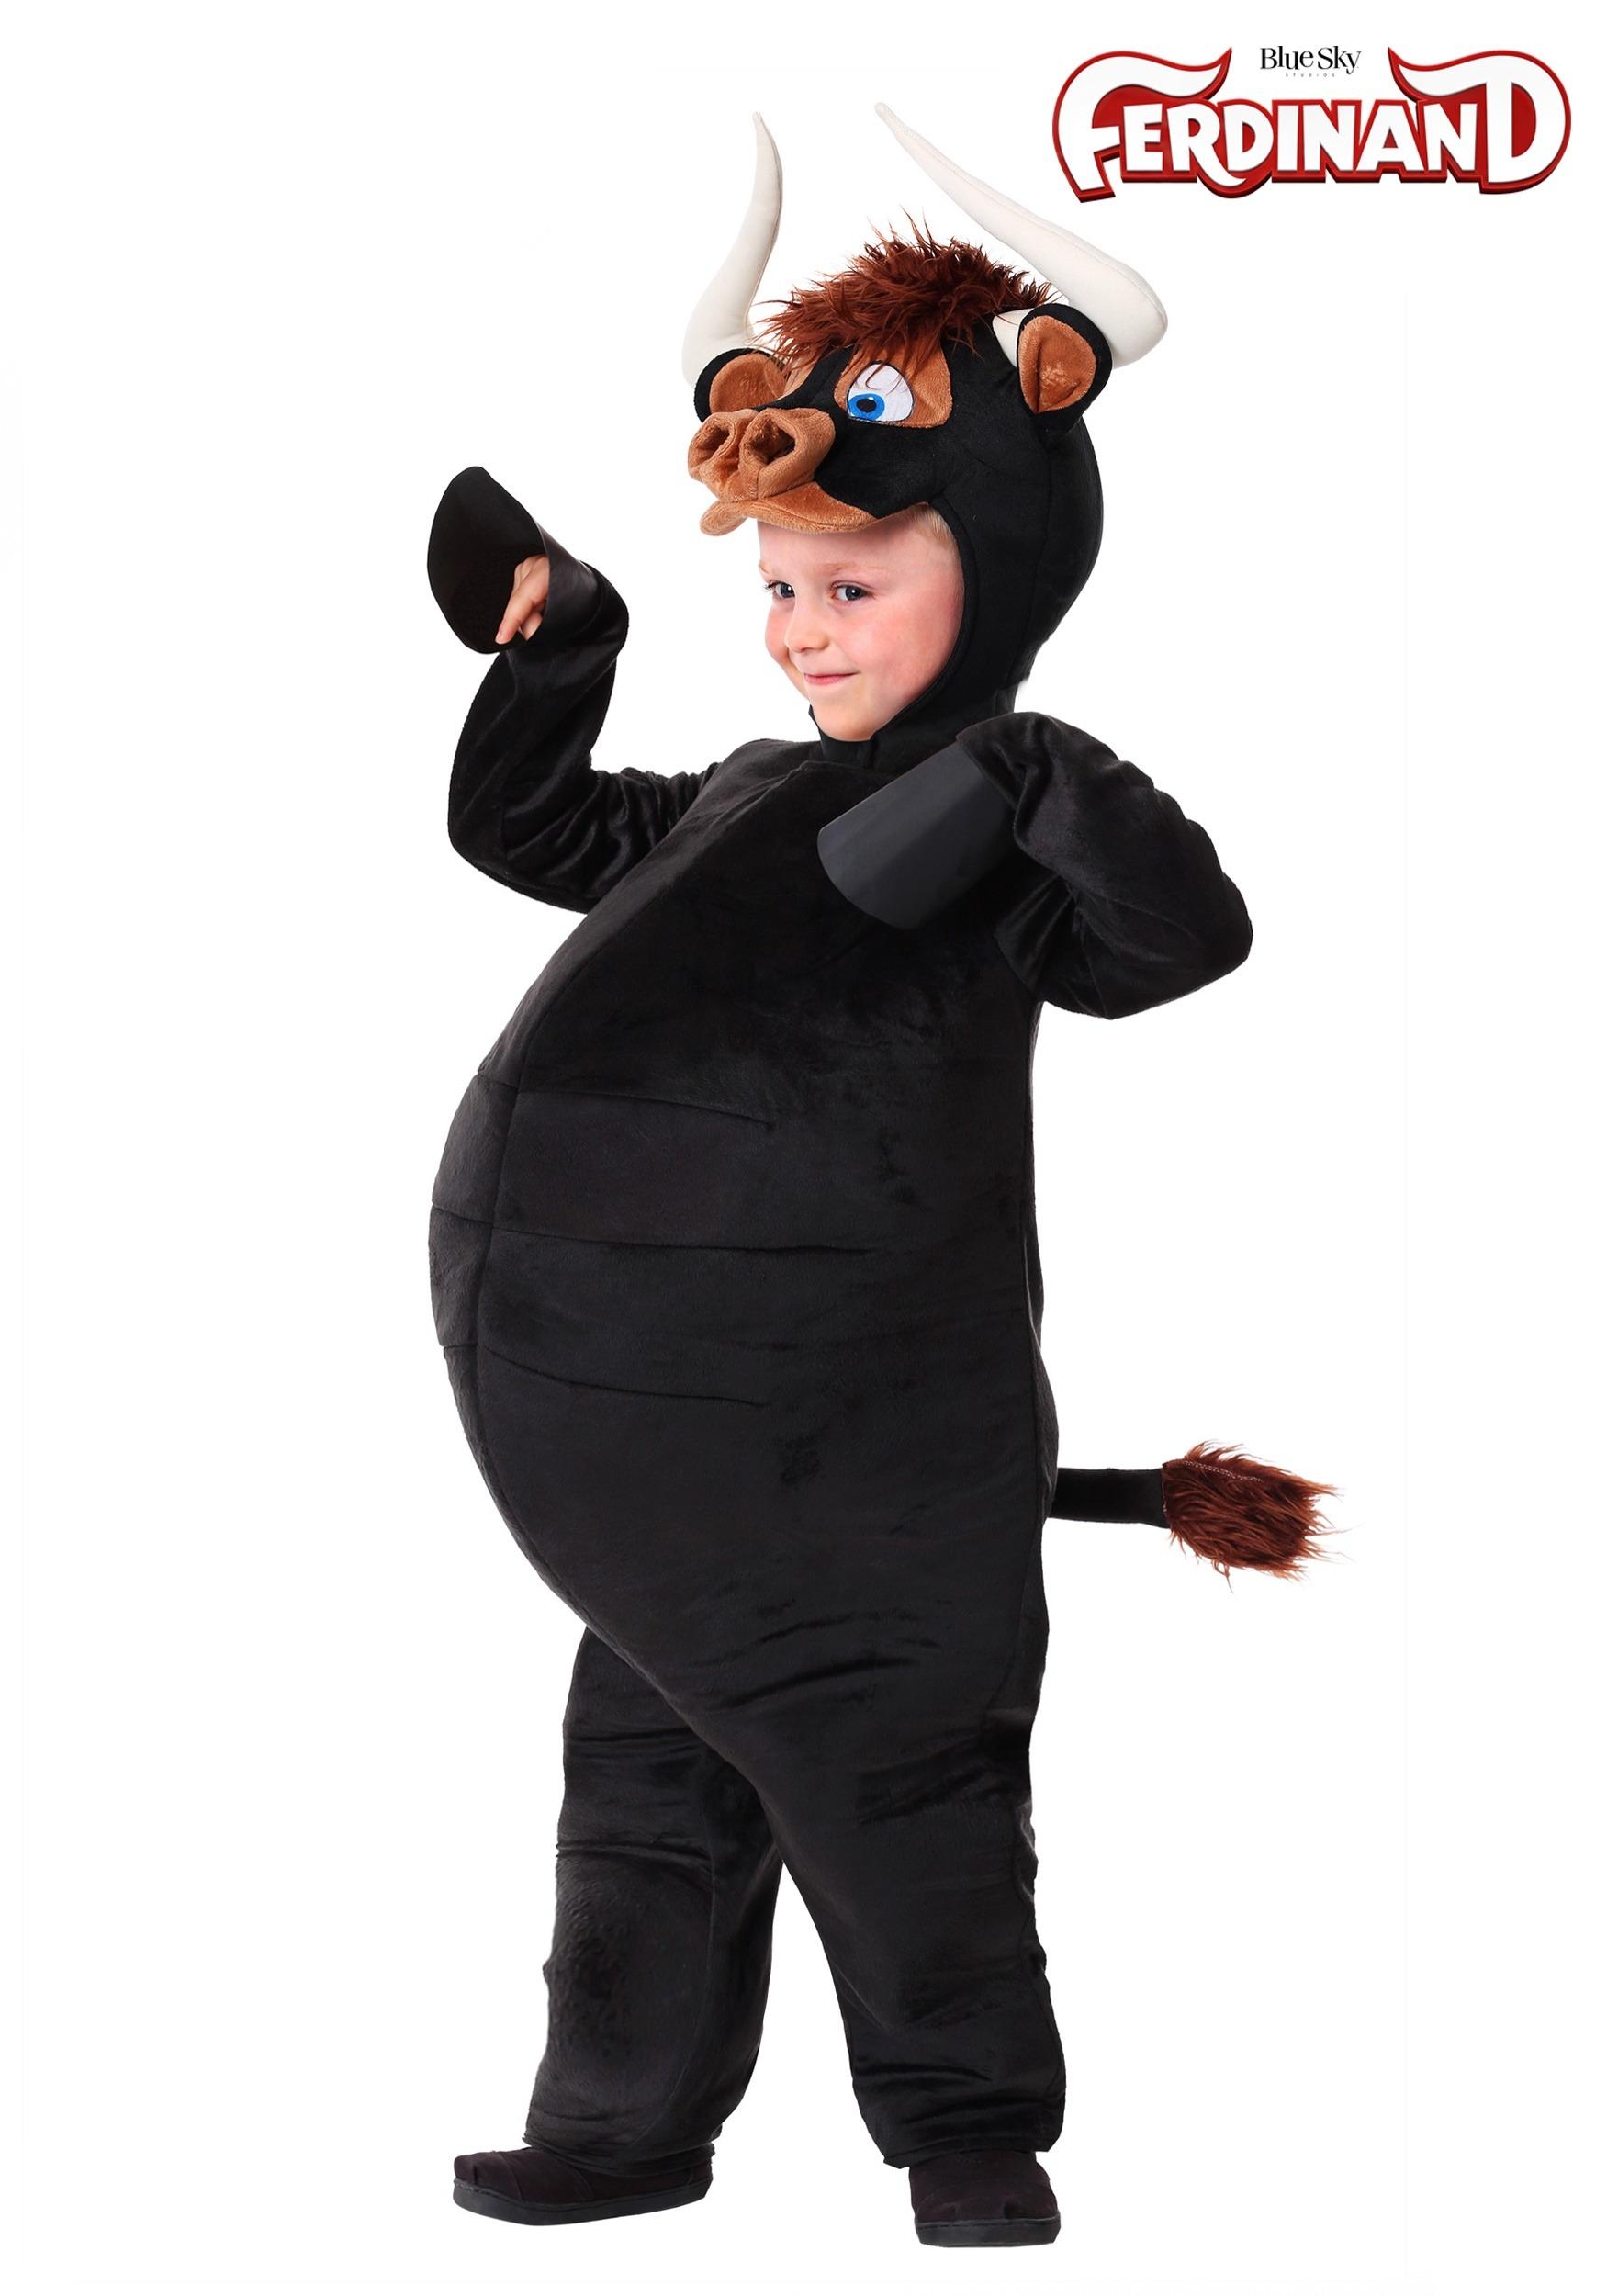 f49c06c41 Disfraz de toro Ferdinand para niños pequeños